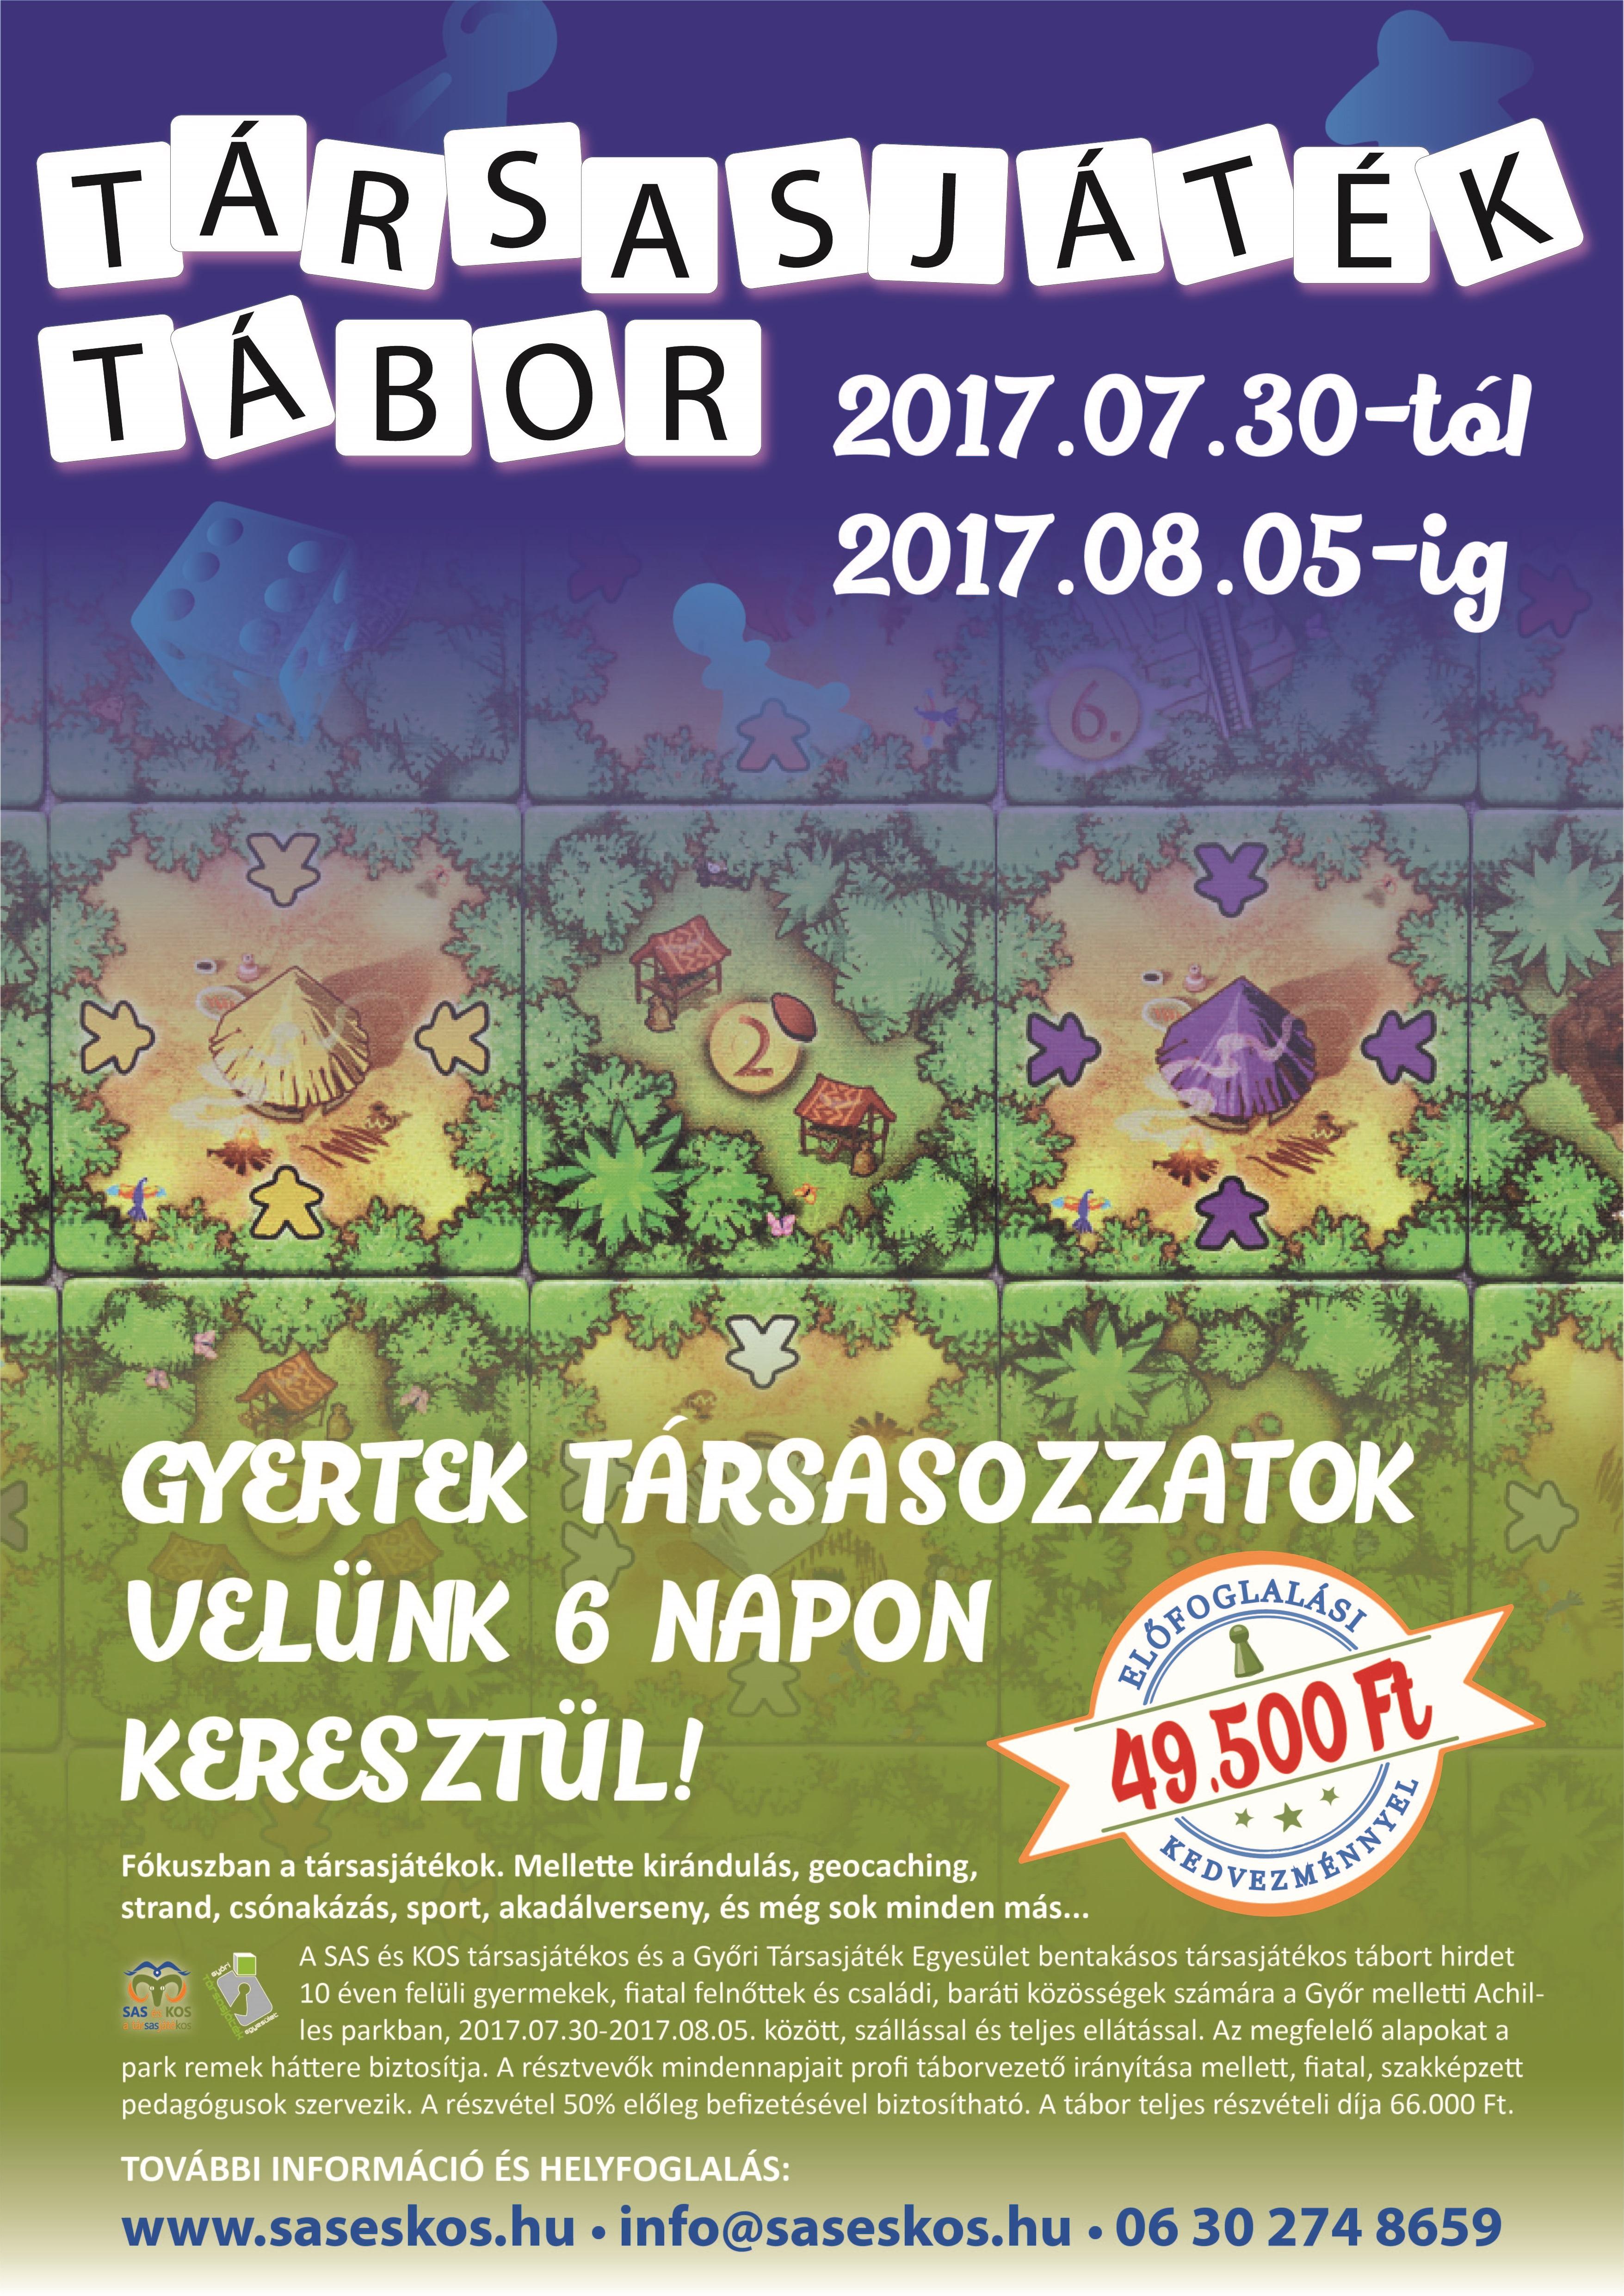 I. GYŐRI TÁRSASJÁTÉK TÁBOR 2017.07.30-2017.08.05.